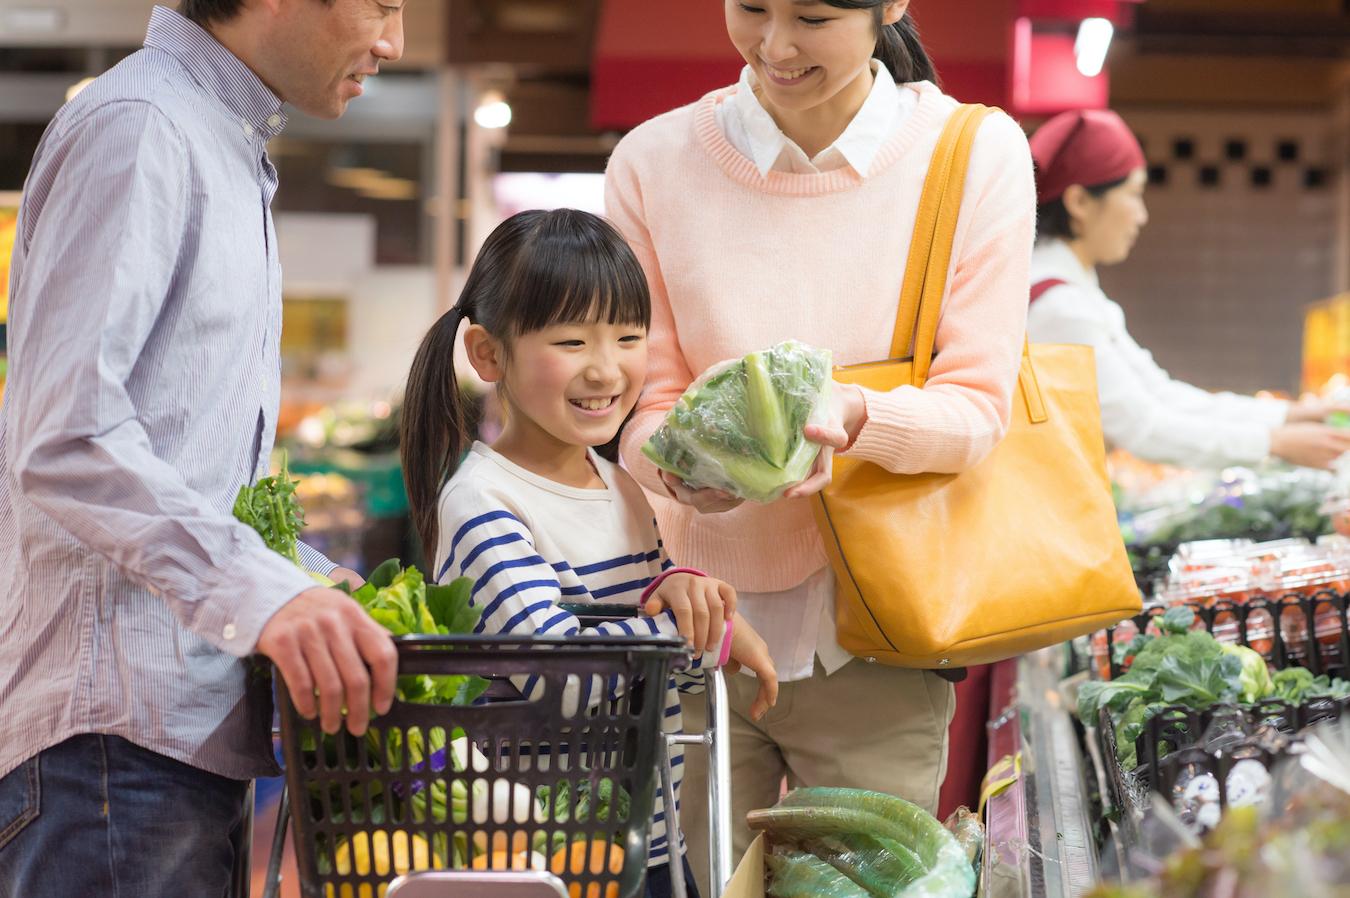 晩ご飯からマイホーム購入まで、行動経済学で分かる買い物のクセ